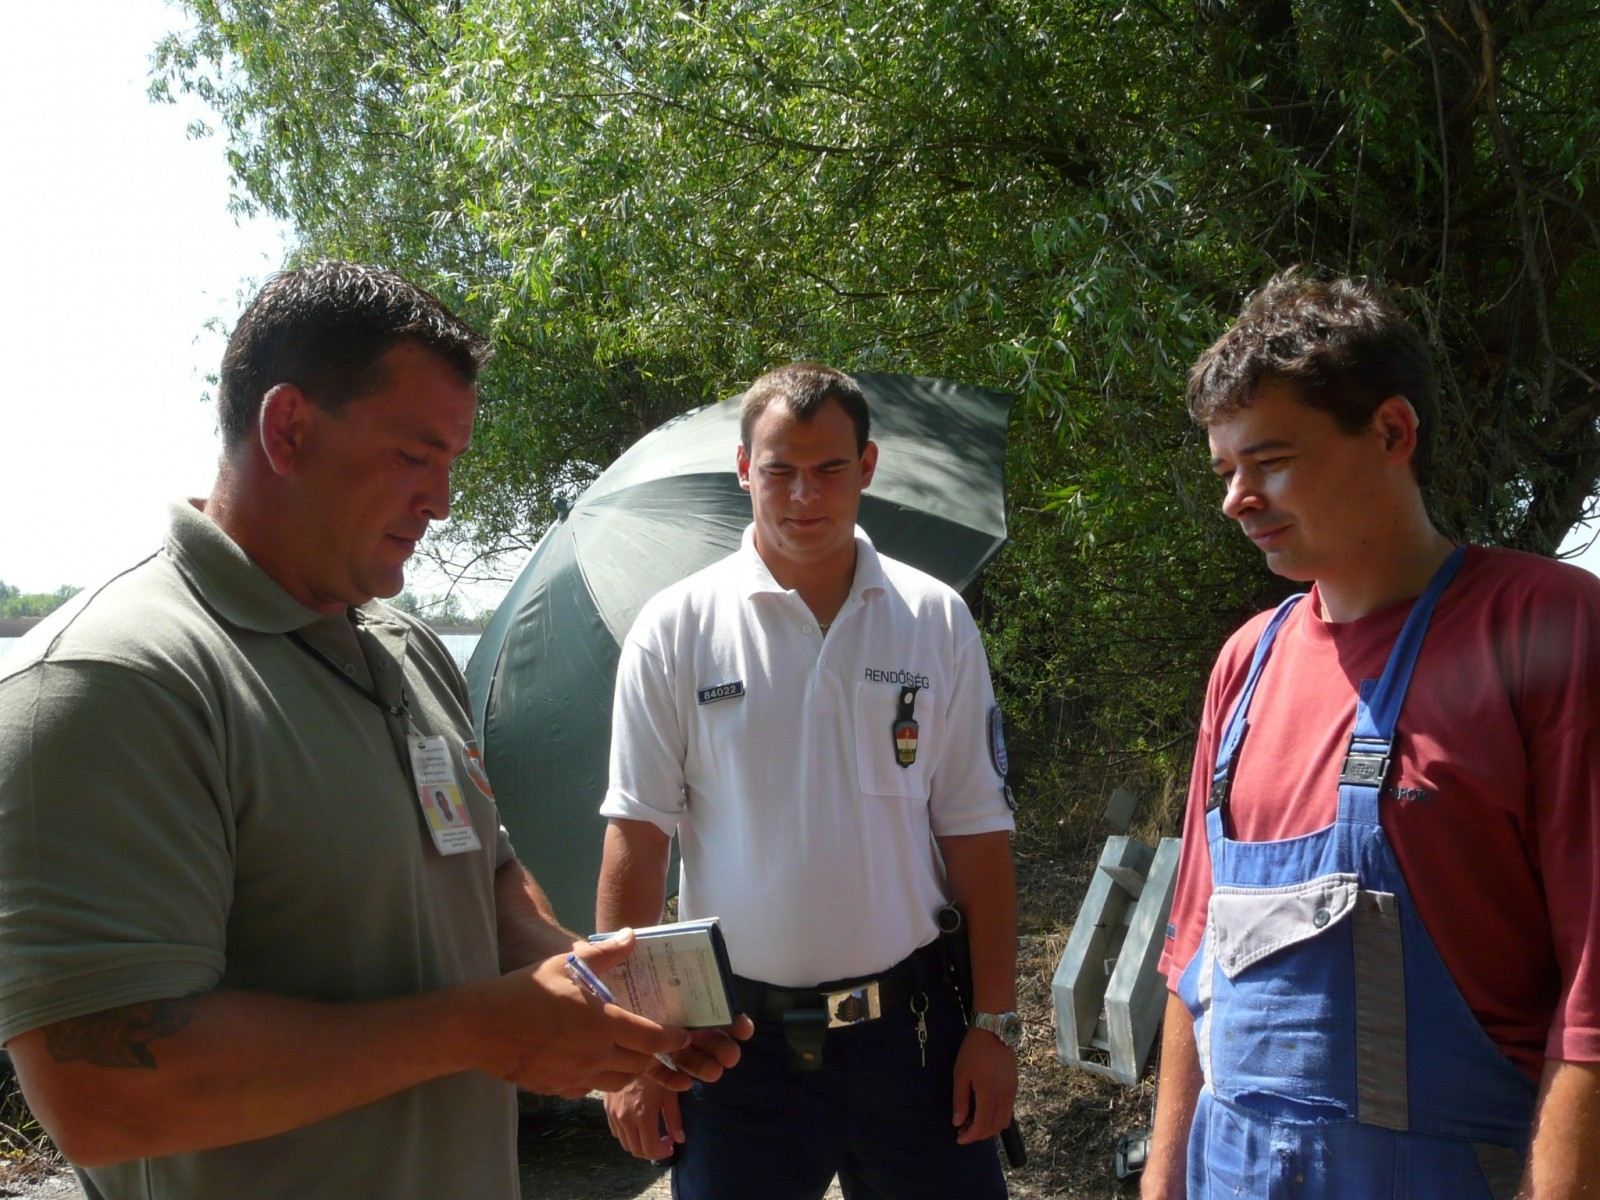 Társadalmi halőri és halászati őri tanfolyam és vizsga indul májusban